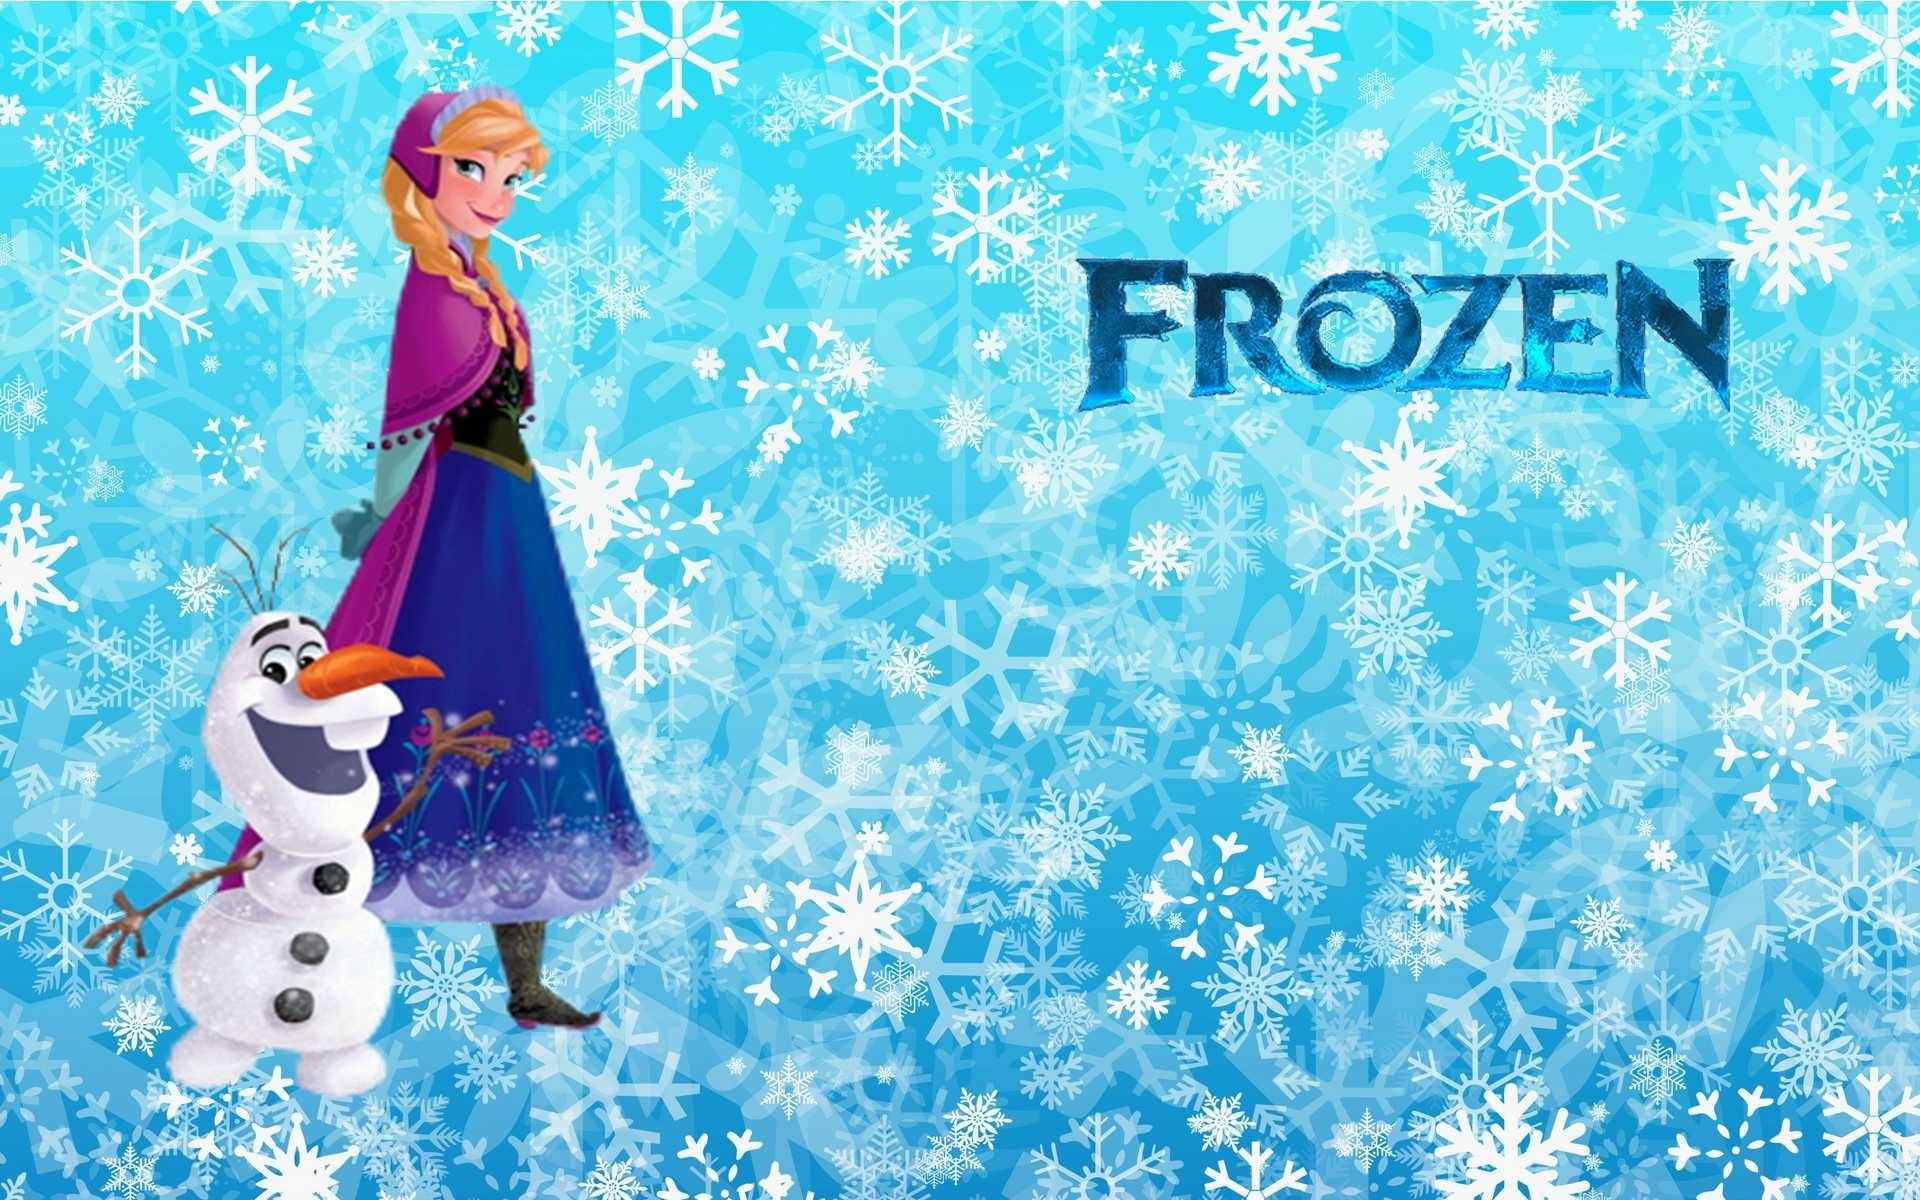 2560x1440 BARBIE Fashionistas Dress Up Party With Disney Princesses Ariel Frozen Fever Elsa Dolls